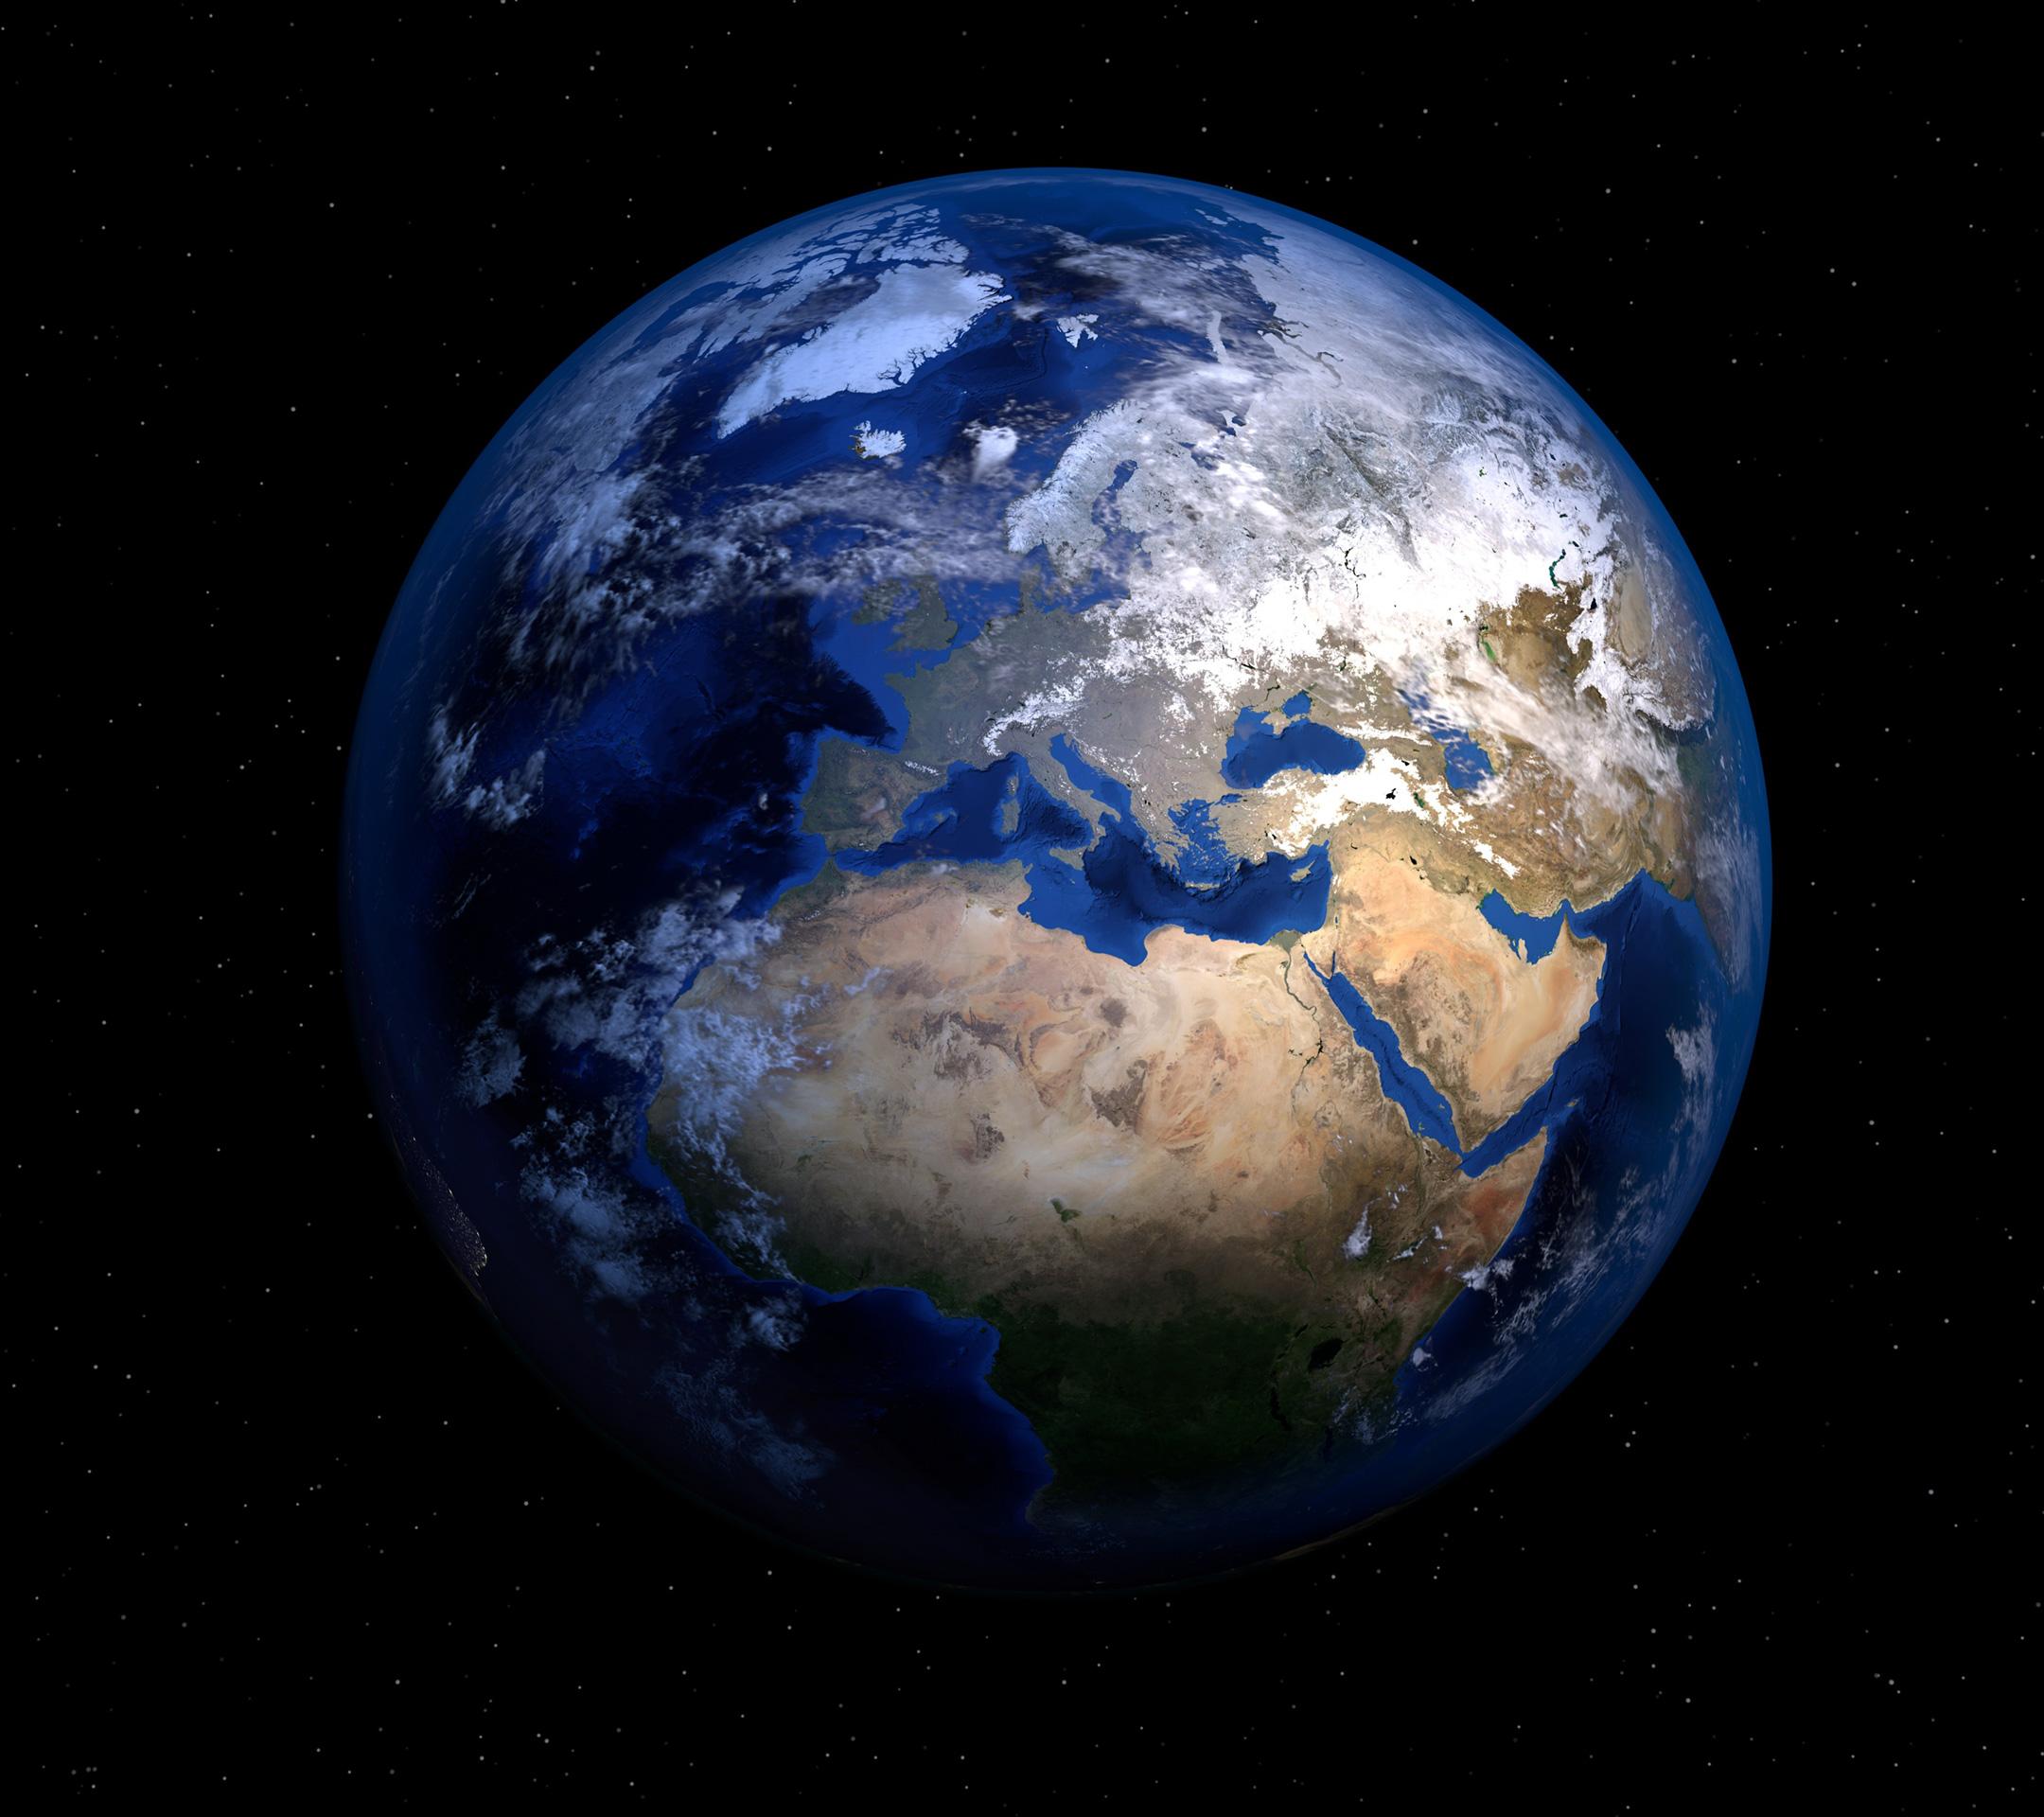 Servizio Tecnico di Traduzione Simultanea a Roma, Italia Europa nel Mondo con Interpretazione lingue e registrazione audio video con trasmissione in tempo reale di video in streaming, o videoconferenza HD completa delle lingue tradotte per ogni località del mondo